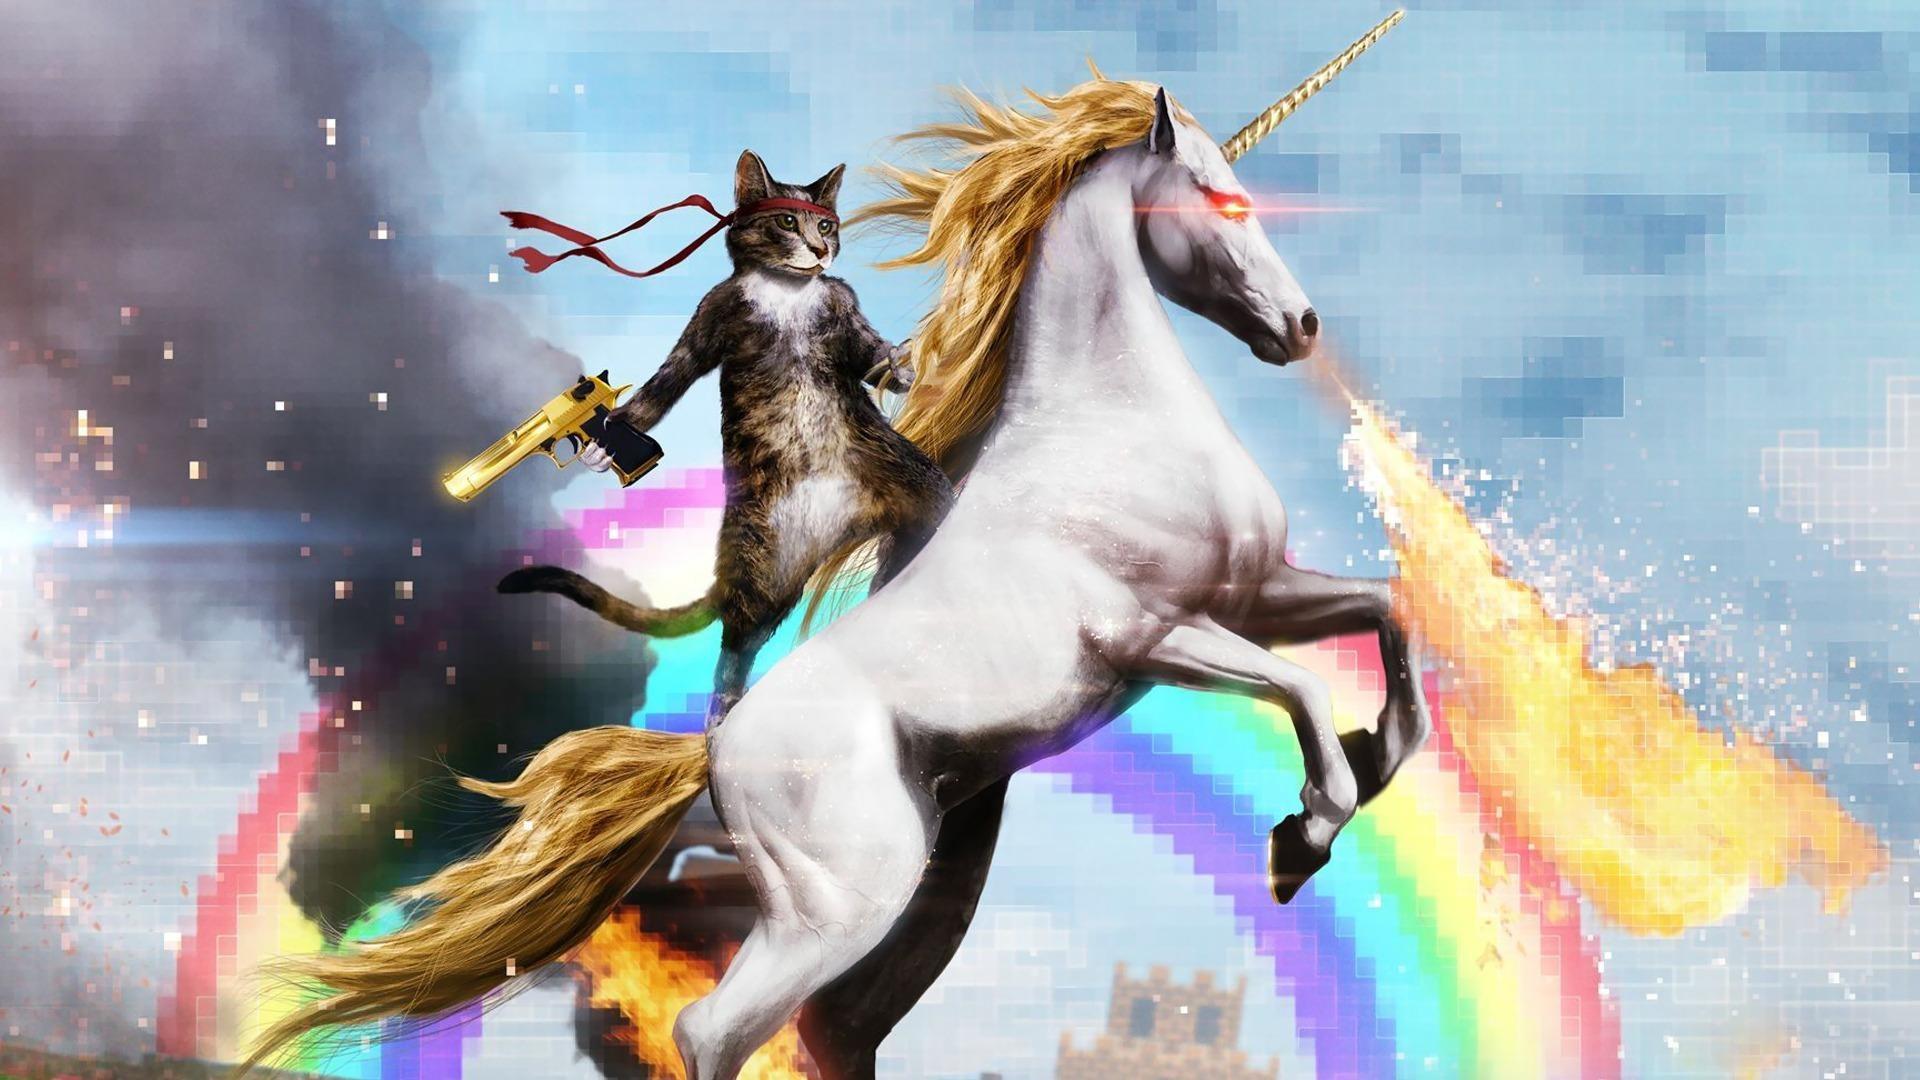 http://g01.a.alicdn.com/kf/HTB1oRdEIpXXXXbmaXXXq6xXFXXXd/cat-unicorn-font-b-rainbow-b-font-gun-deagle-rambo-12x18-20X30-24X36-inch-font-b.jpg